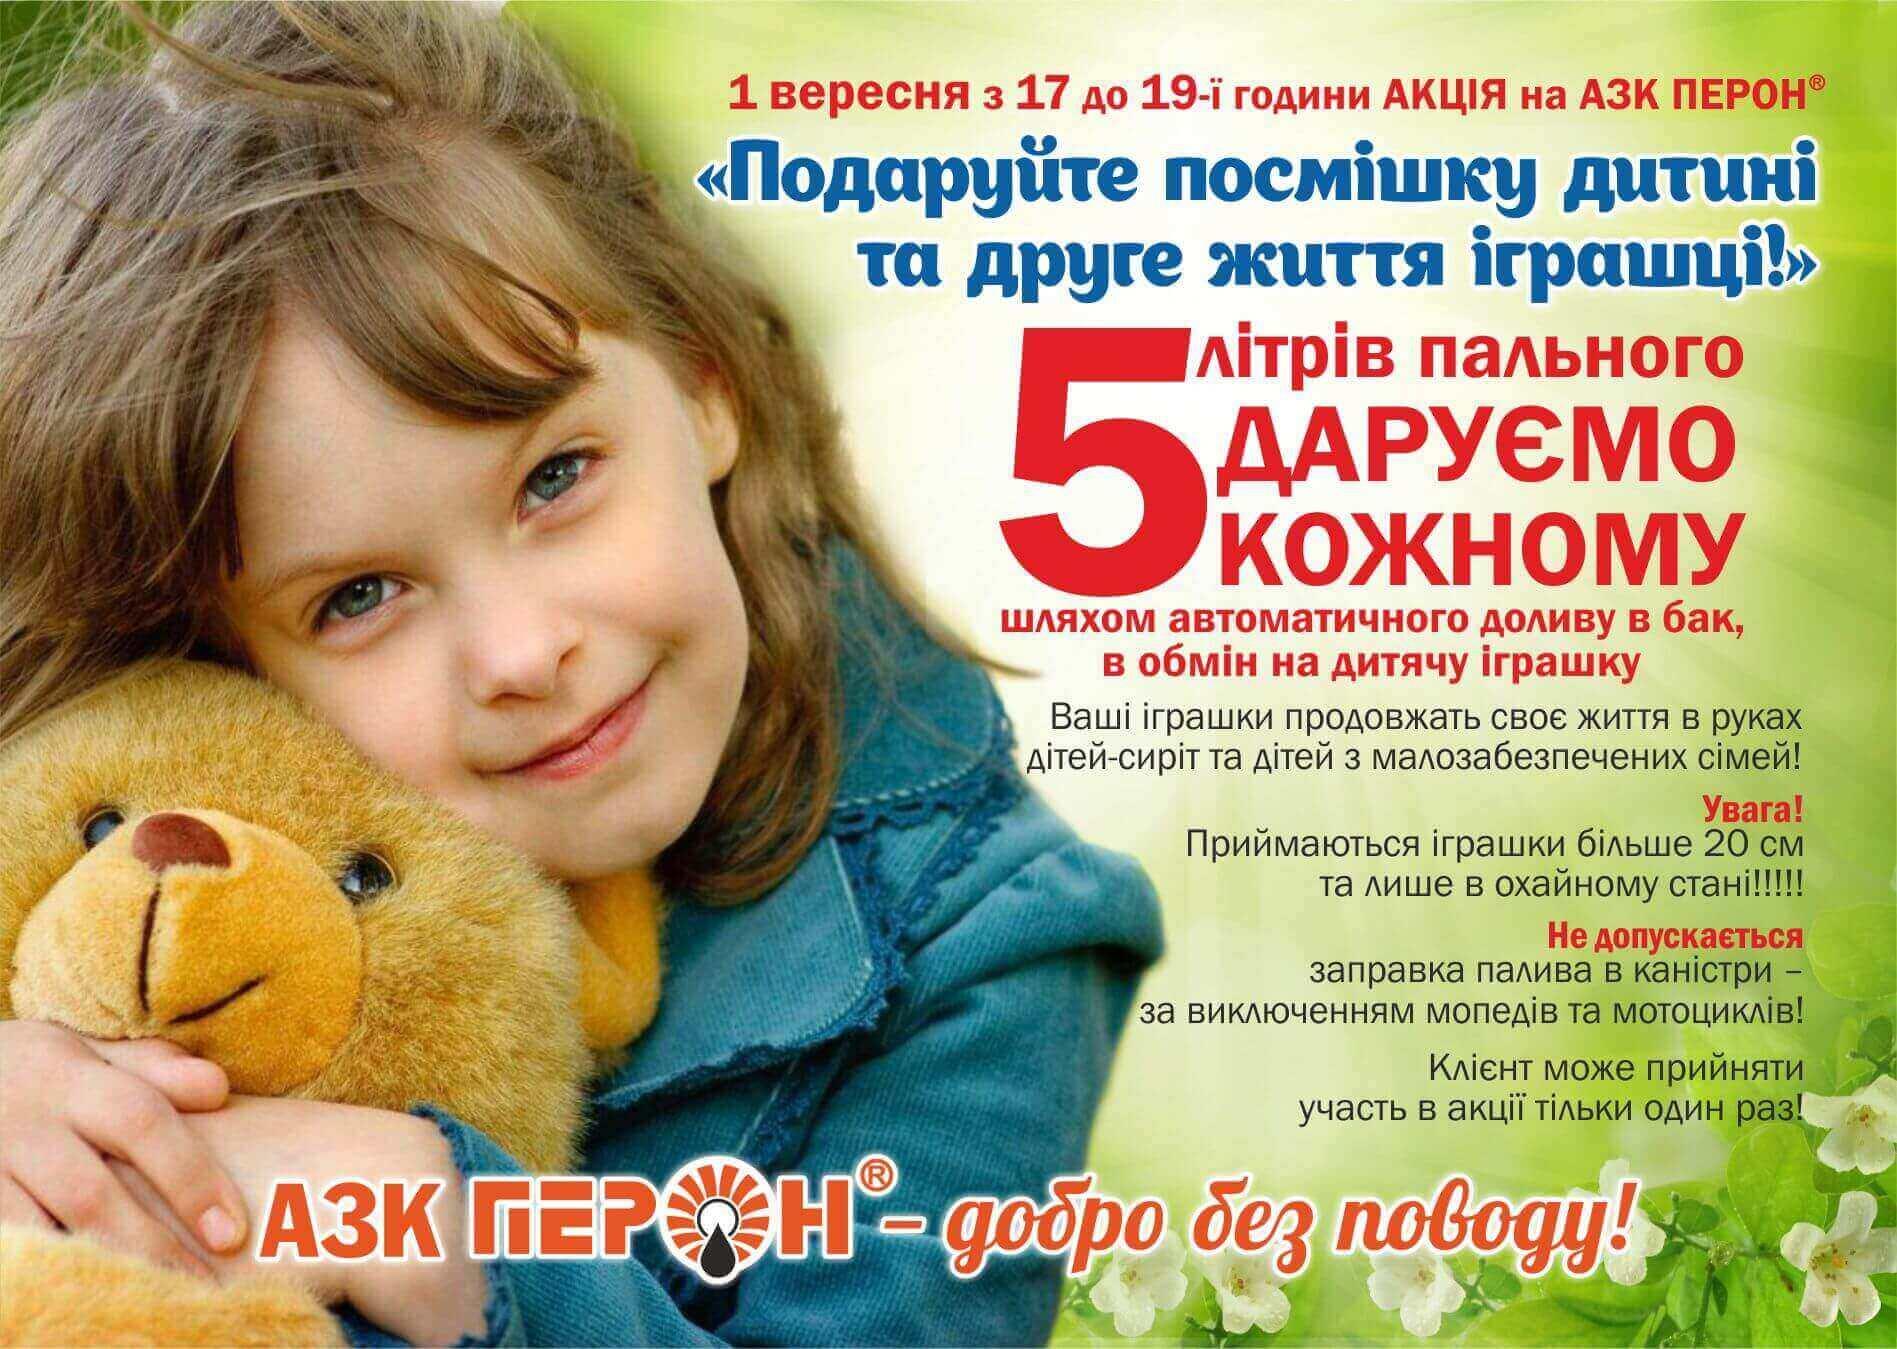 Благотворительная акция от АЗК ПЕРОН